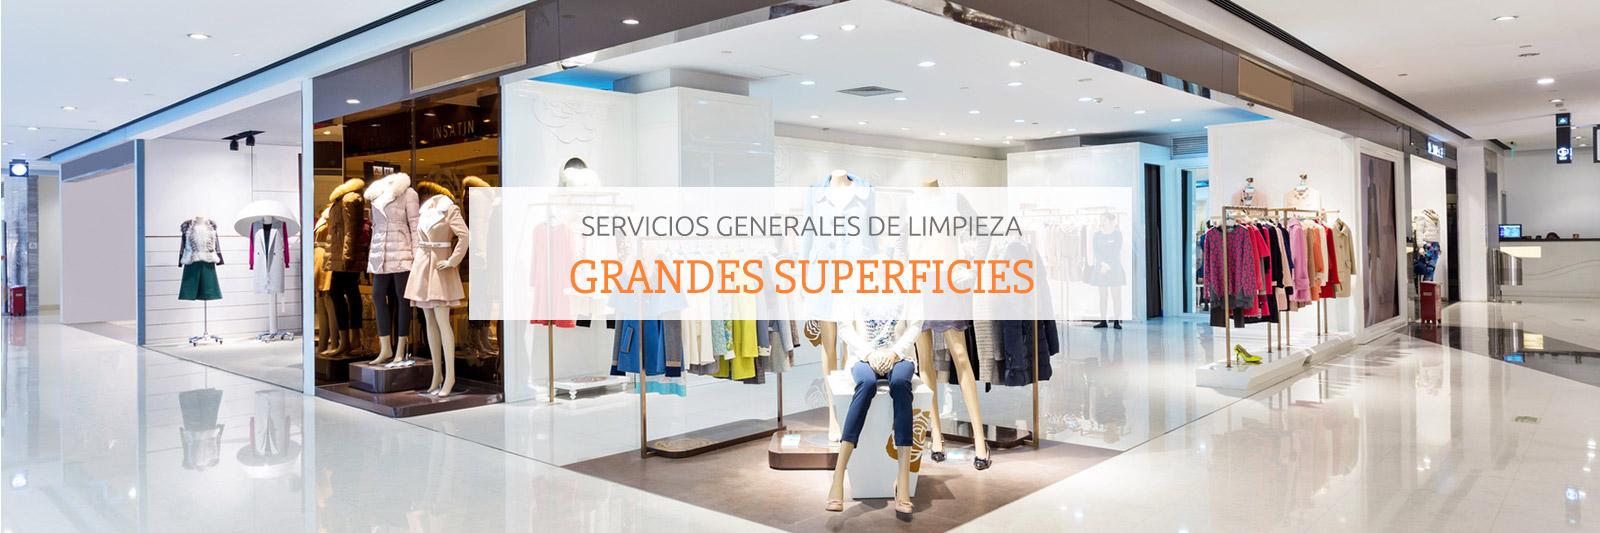 Empresas de limpieza en Sevilla